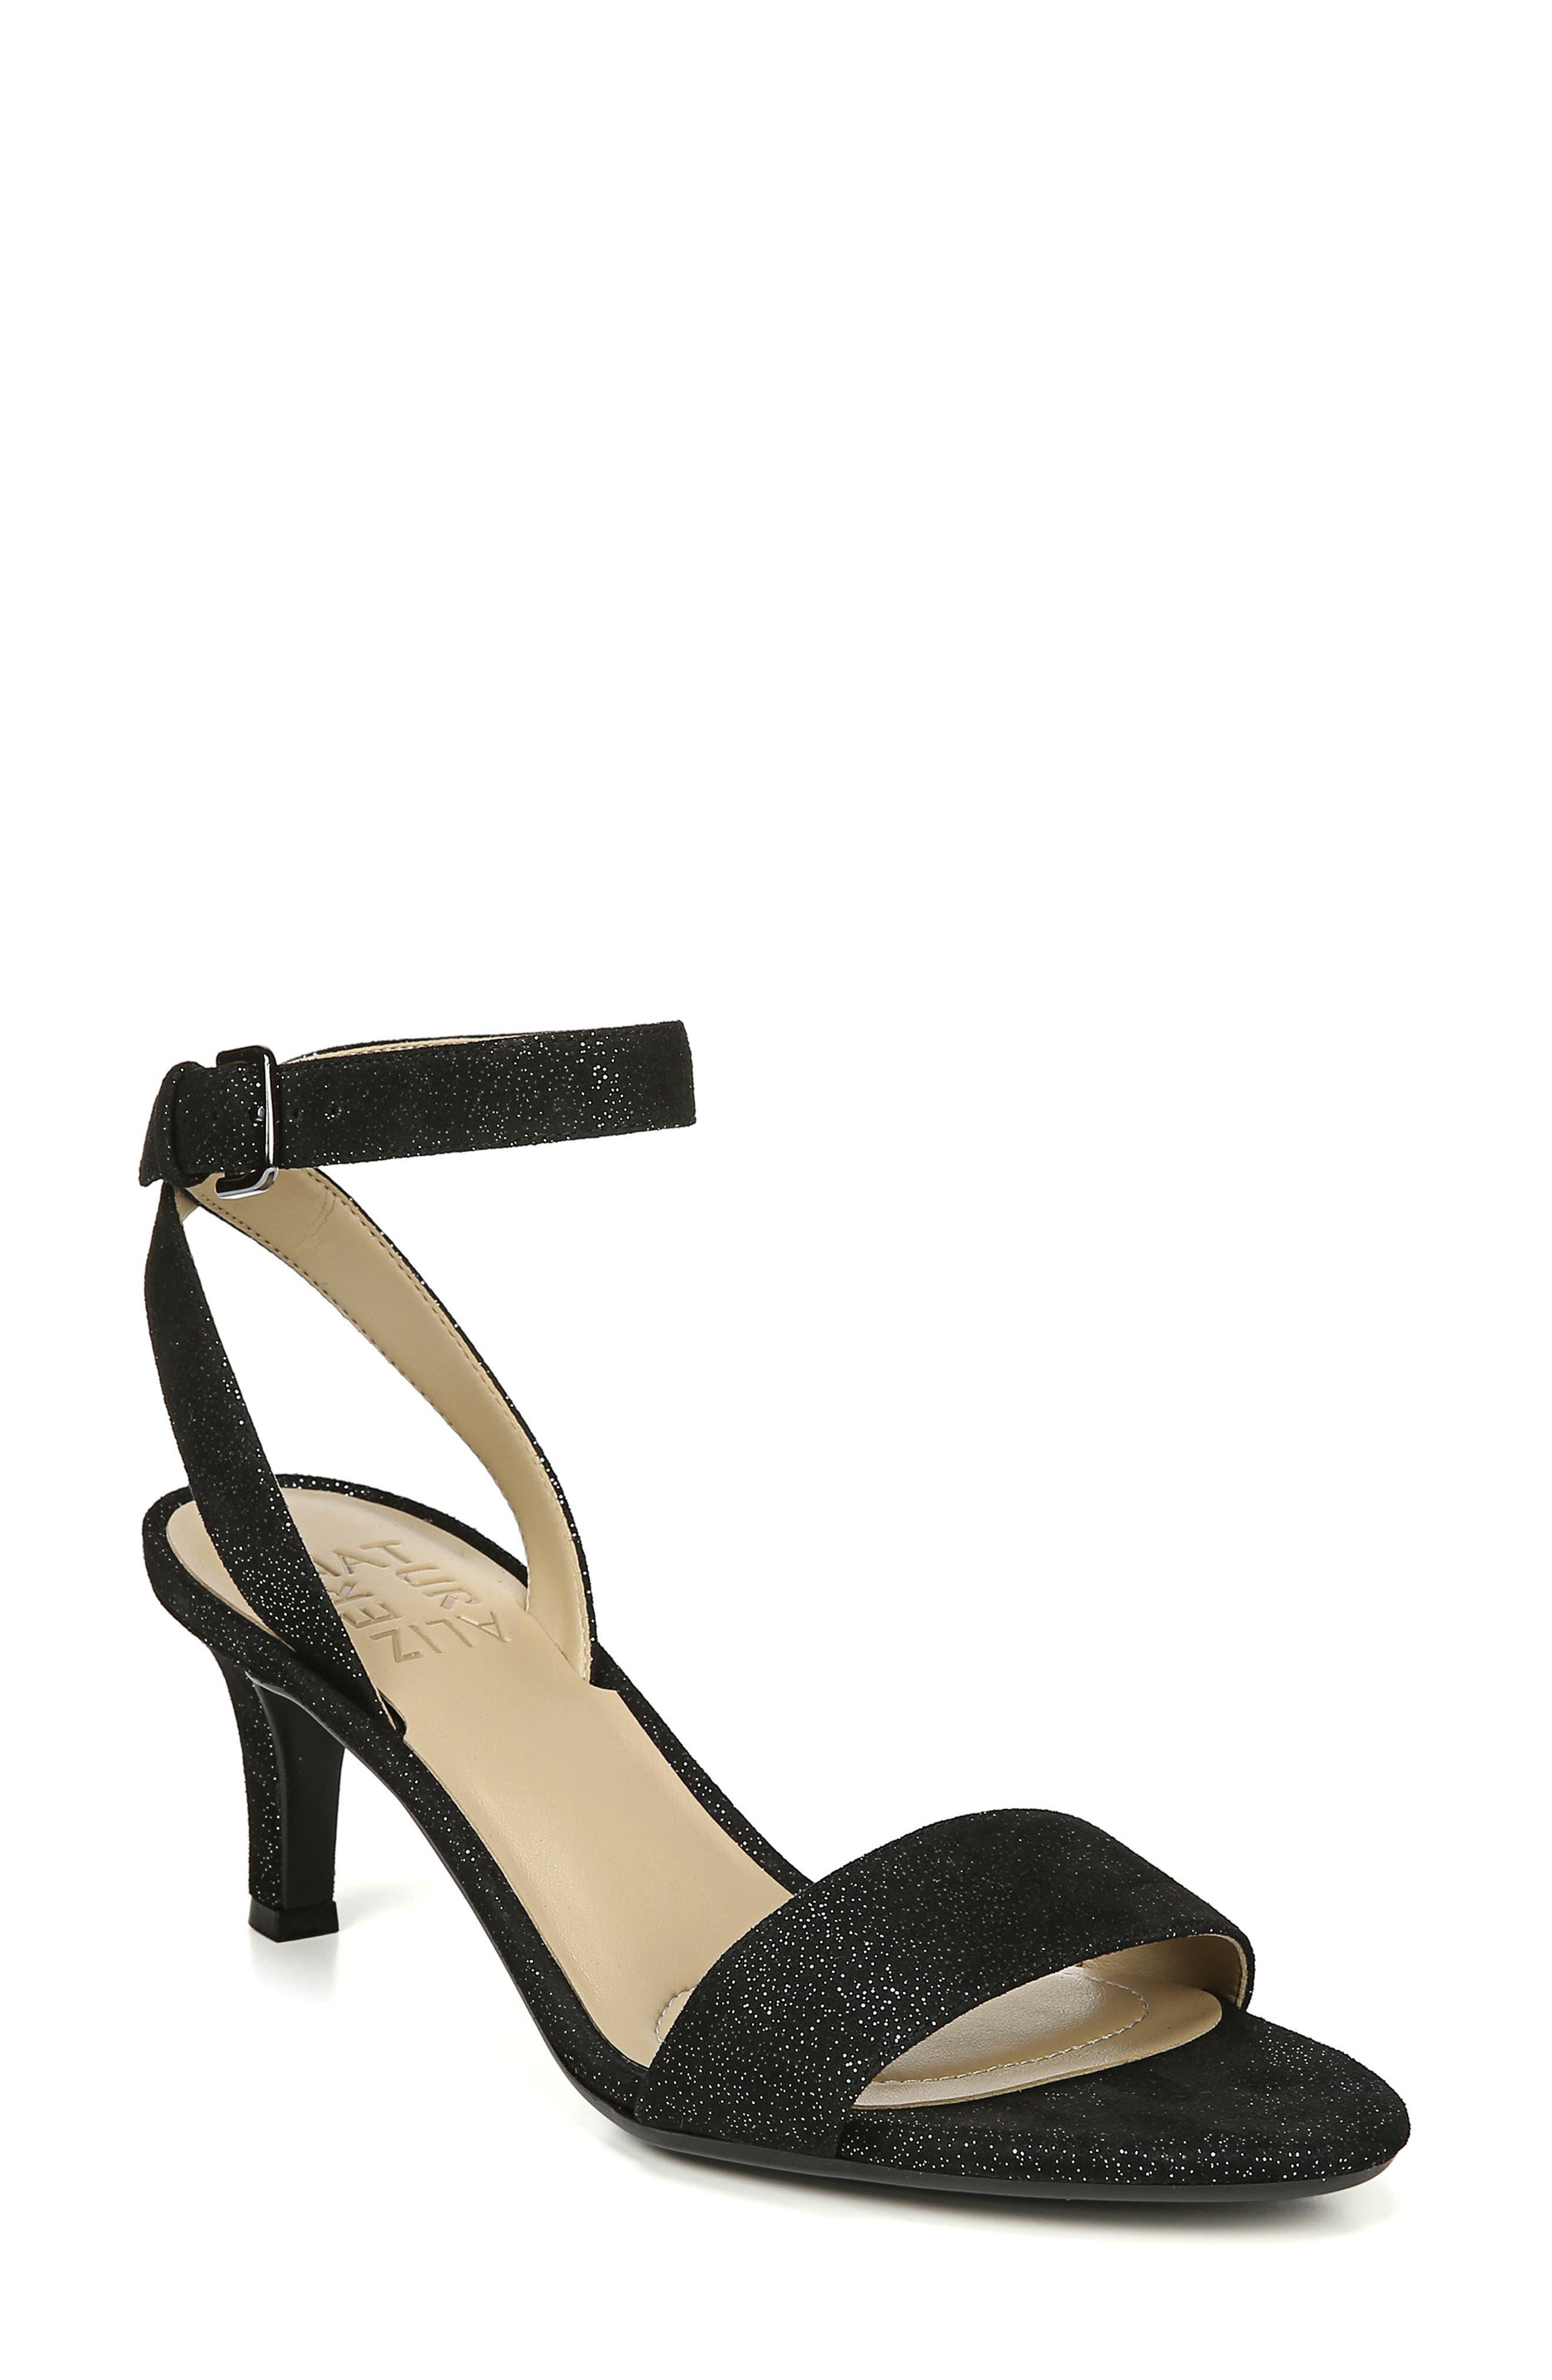 Tinda Sandal,                         Main,                         color, BLACK GLITTER SUEDE